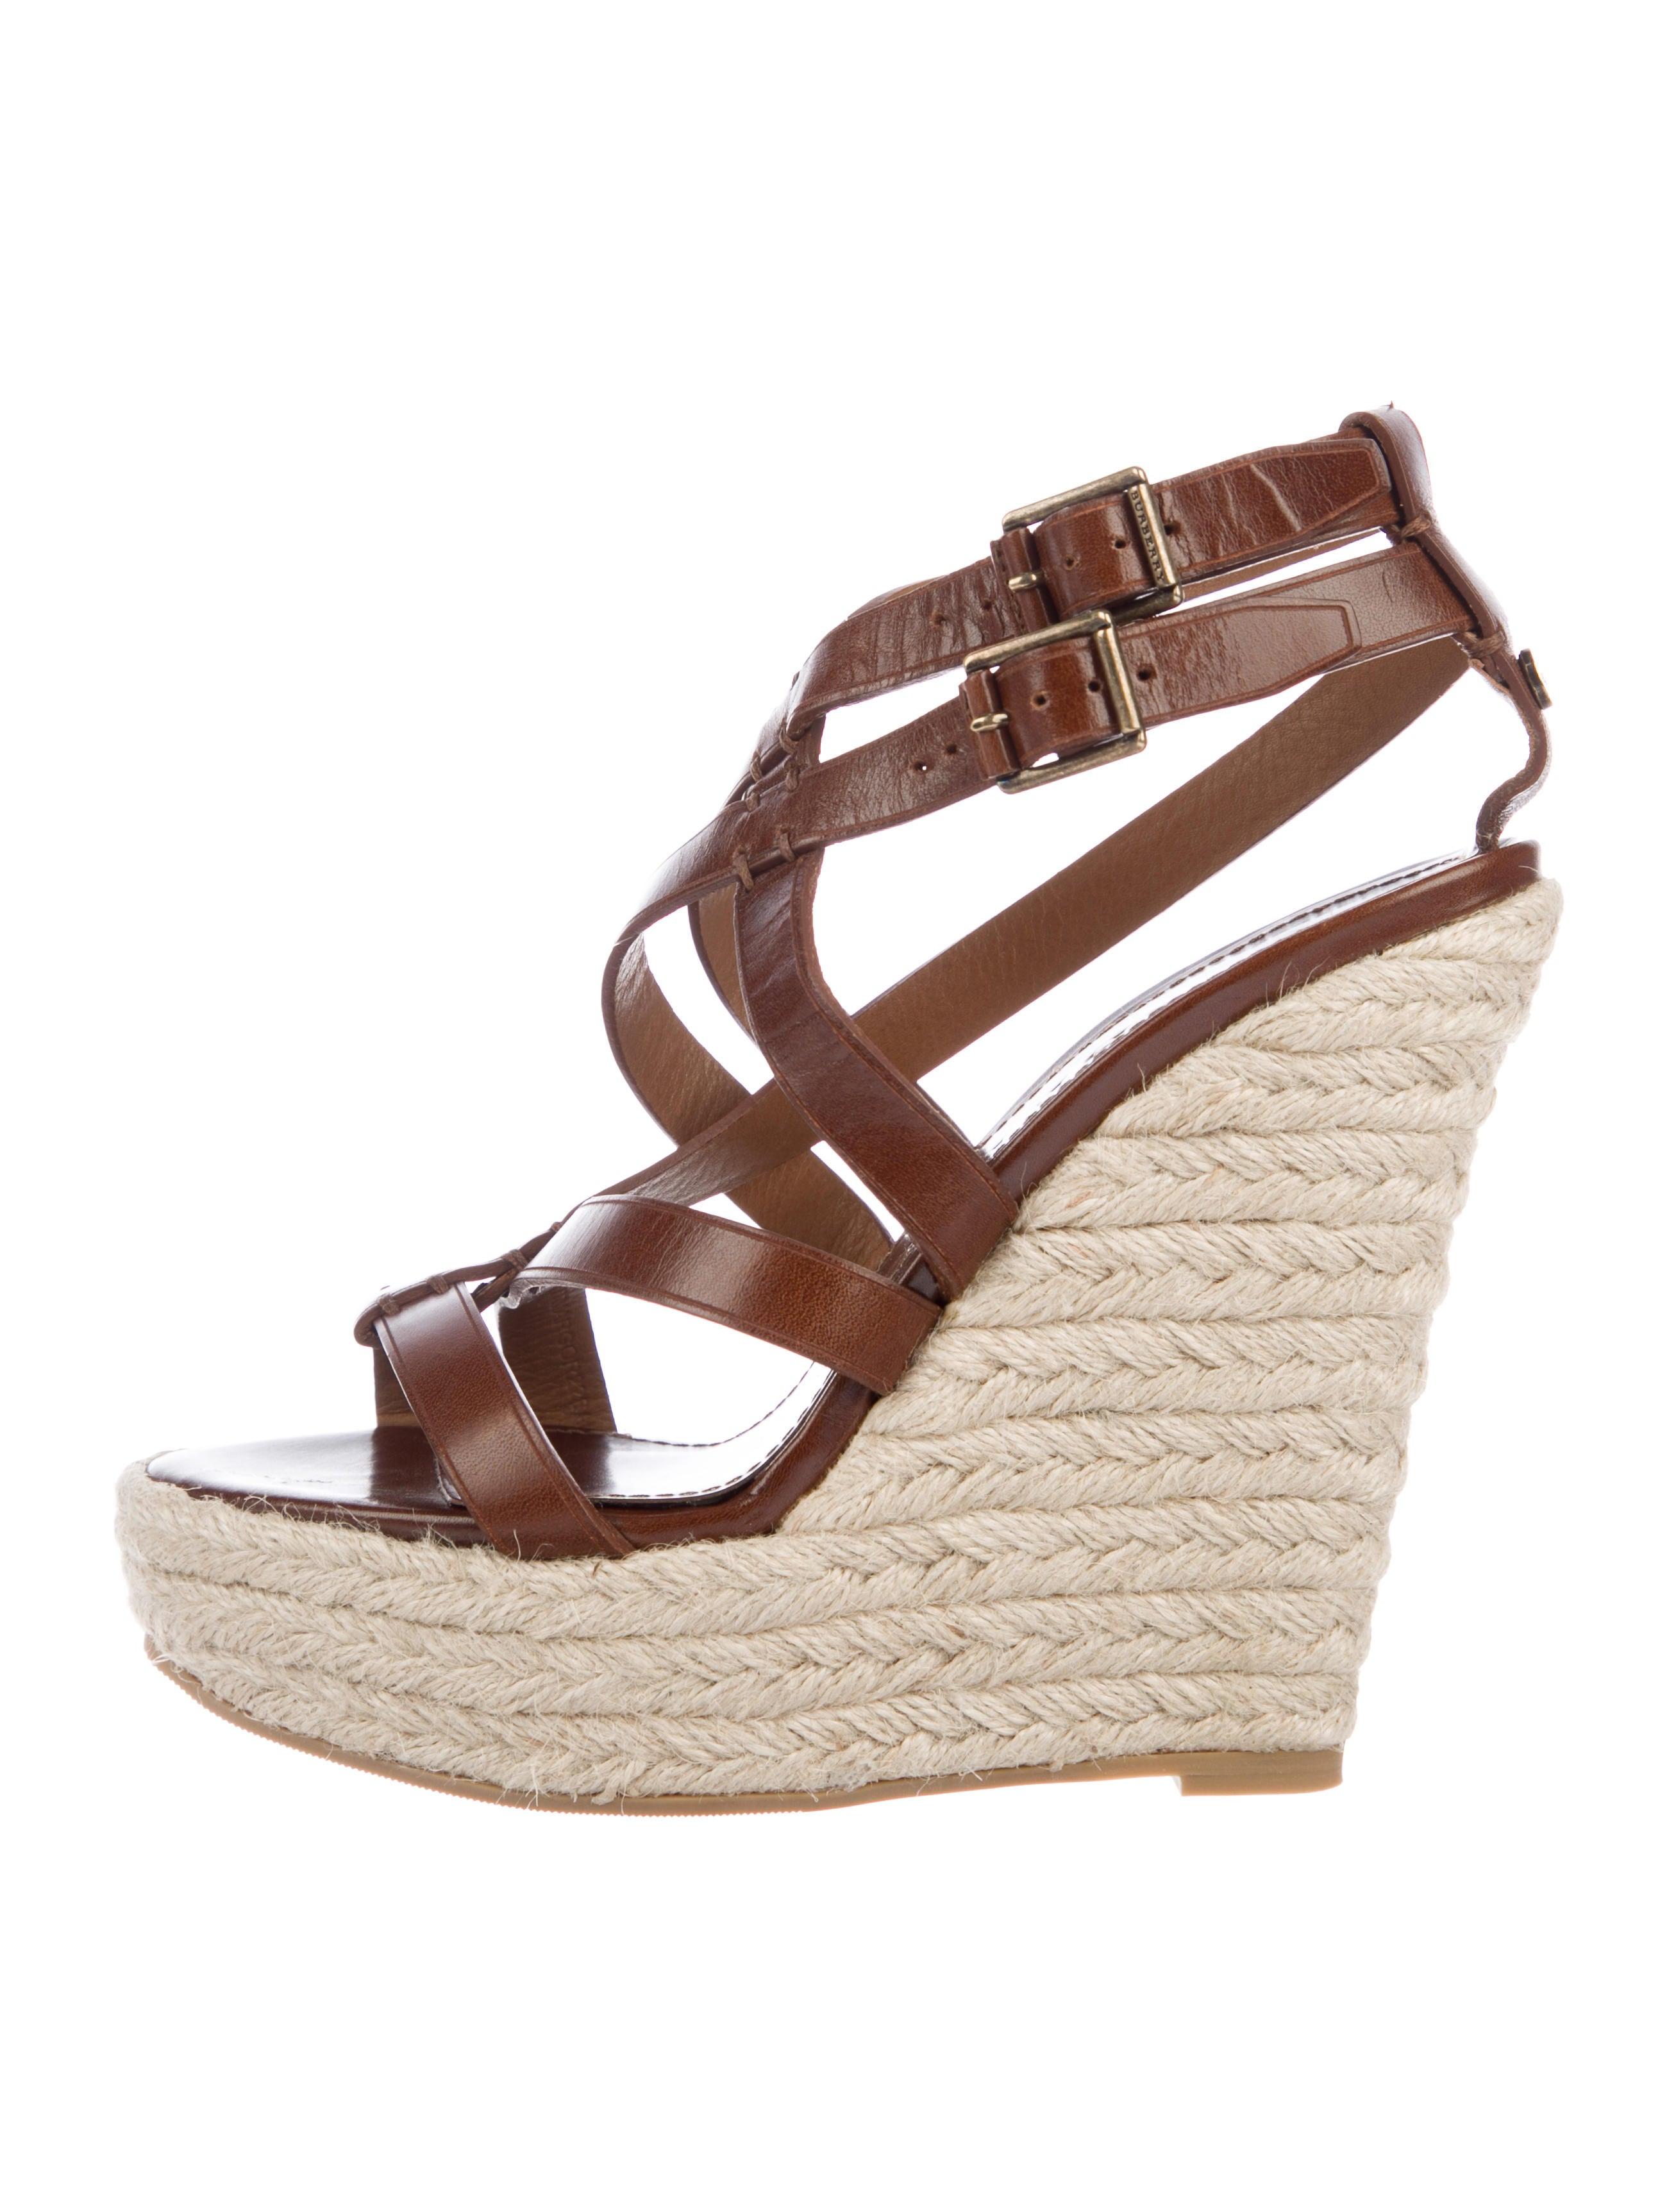 afc0e20160a Burberry Leather Platform Sandals - Shoes - BUR99225